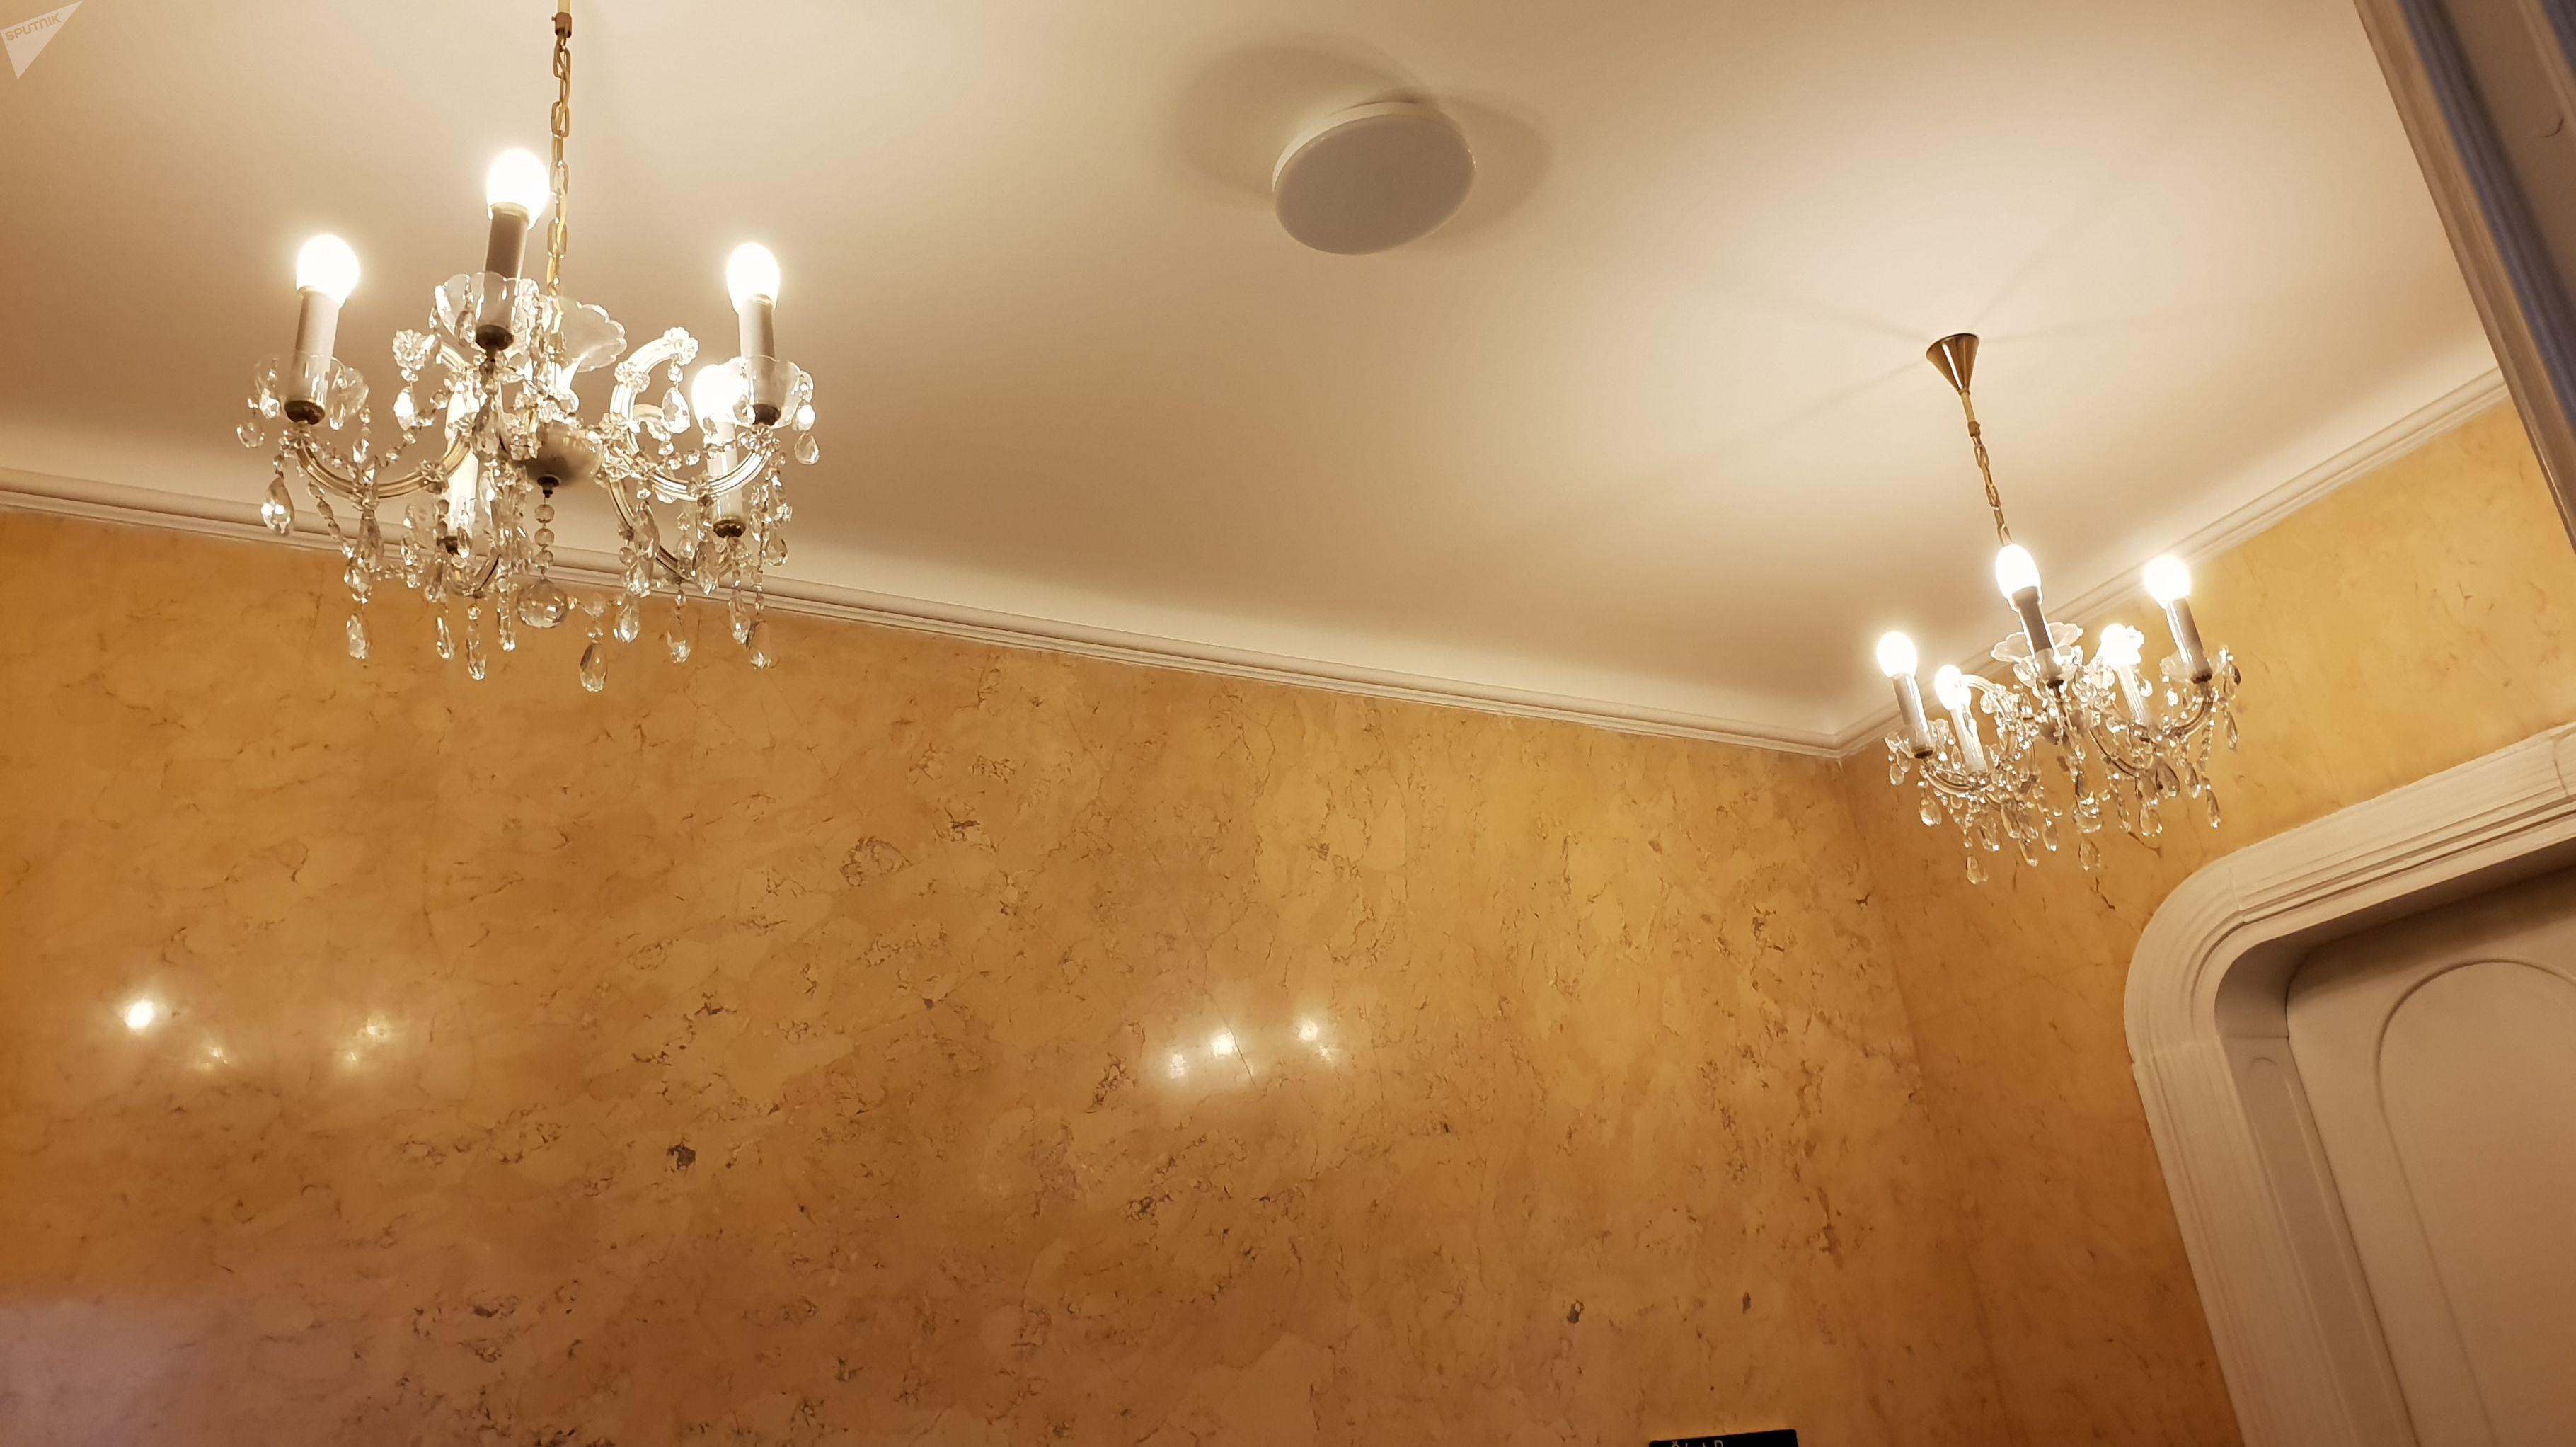 Malé ověskové lustry v chodbě Auersperského paláce Poslanecké sněmovny